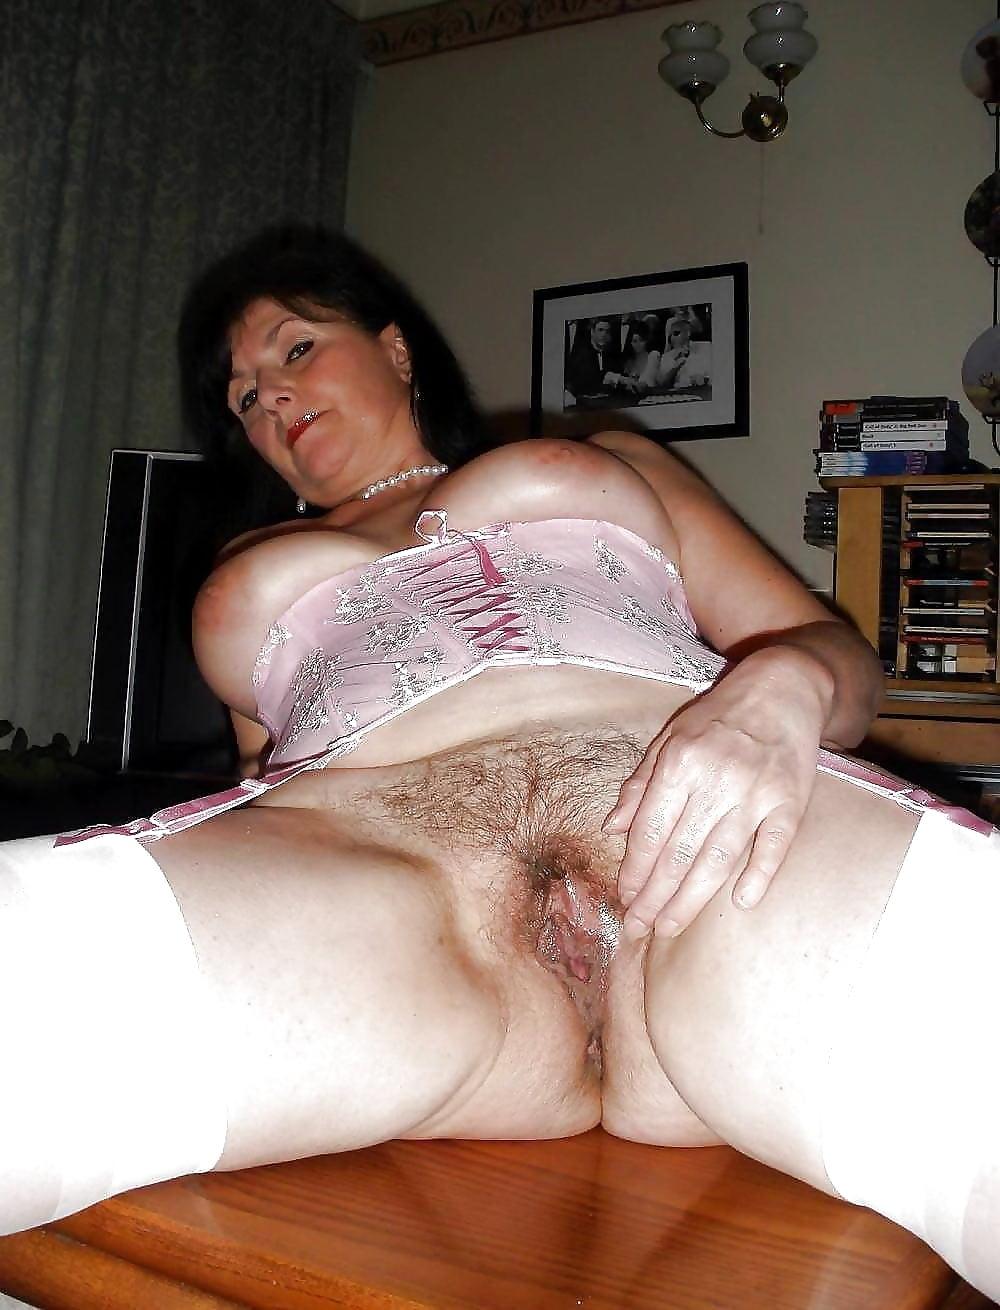 Busty mature women galleries-7532